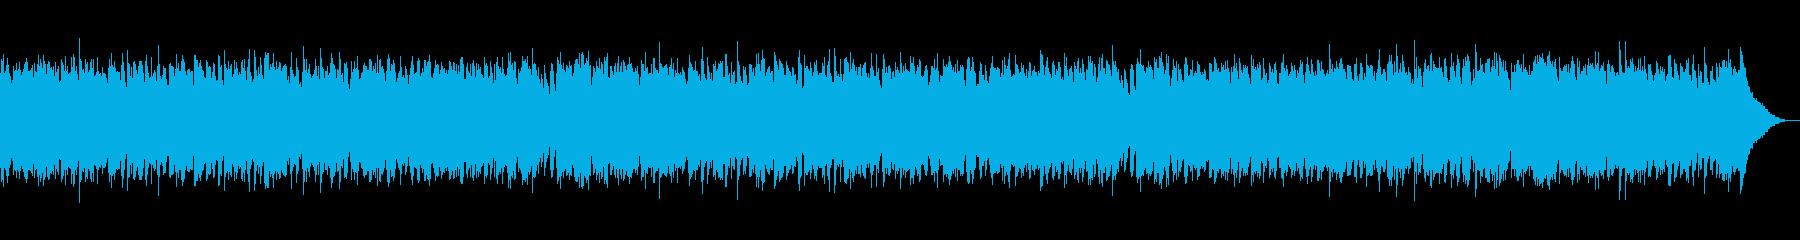 CM・ディズニーのような楽しいファンクの再生済みの波形